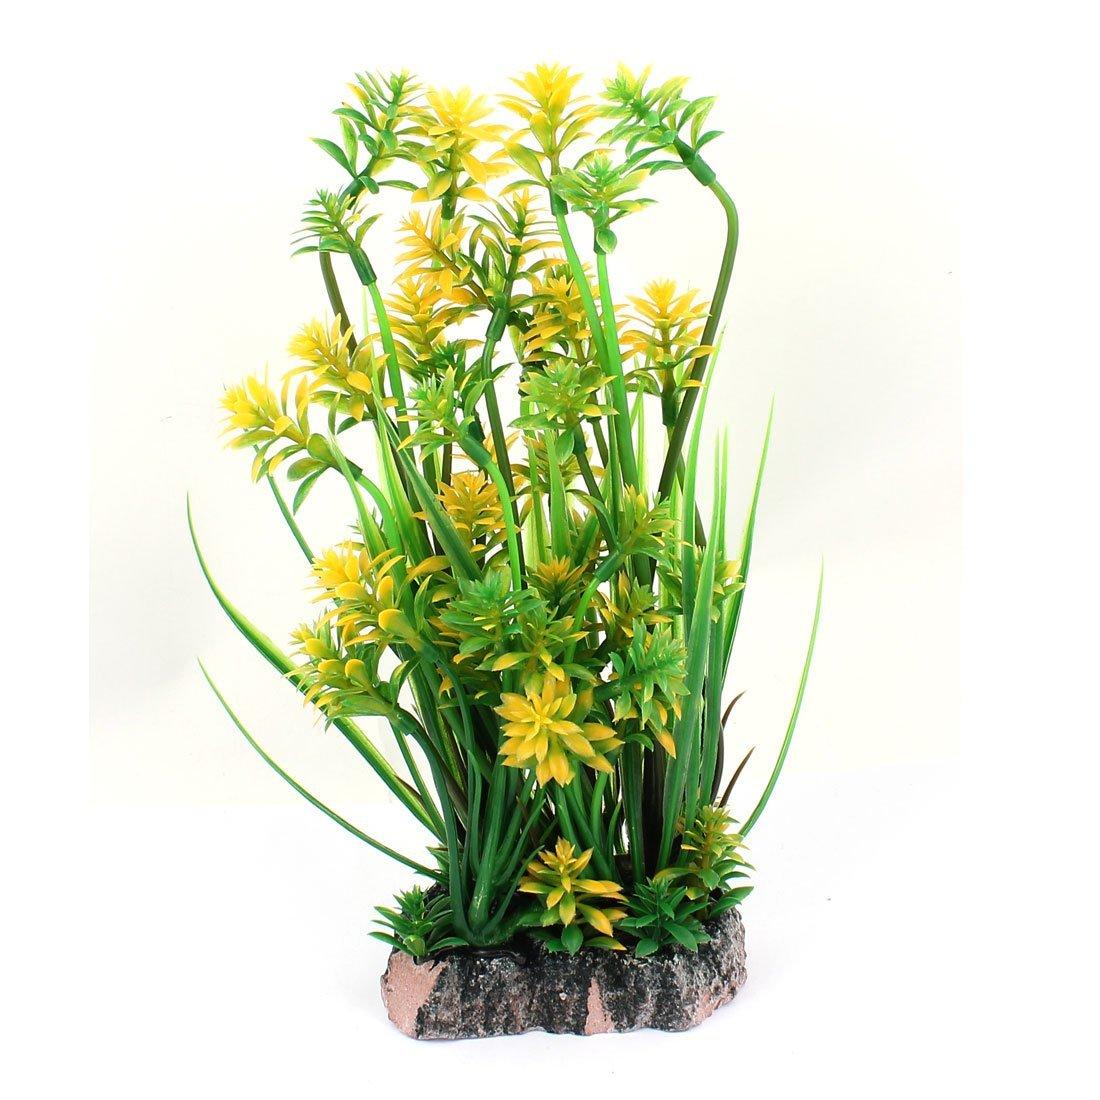 1Pc Ceramic Base Silicone Artificial Aquarium Plant Sunflower Decor colorful